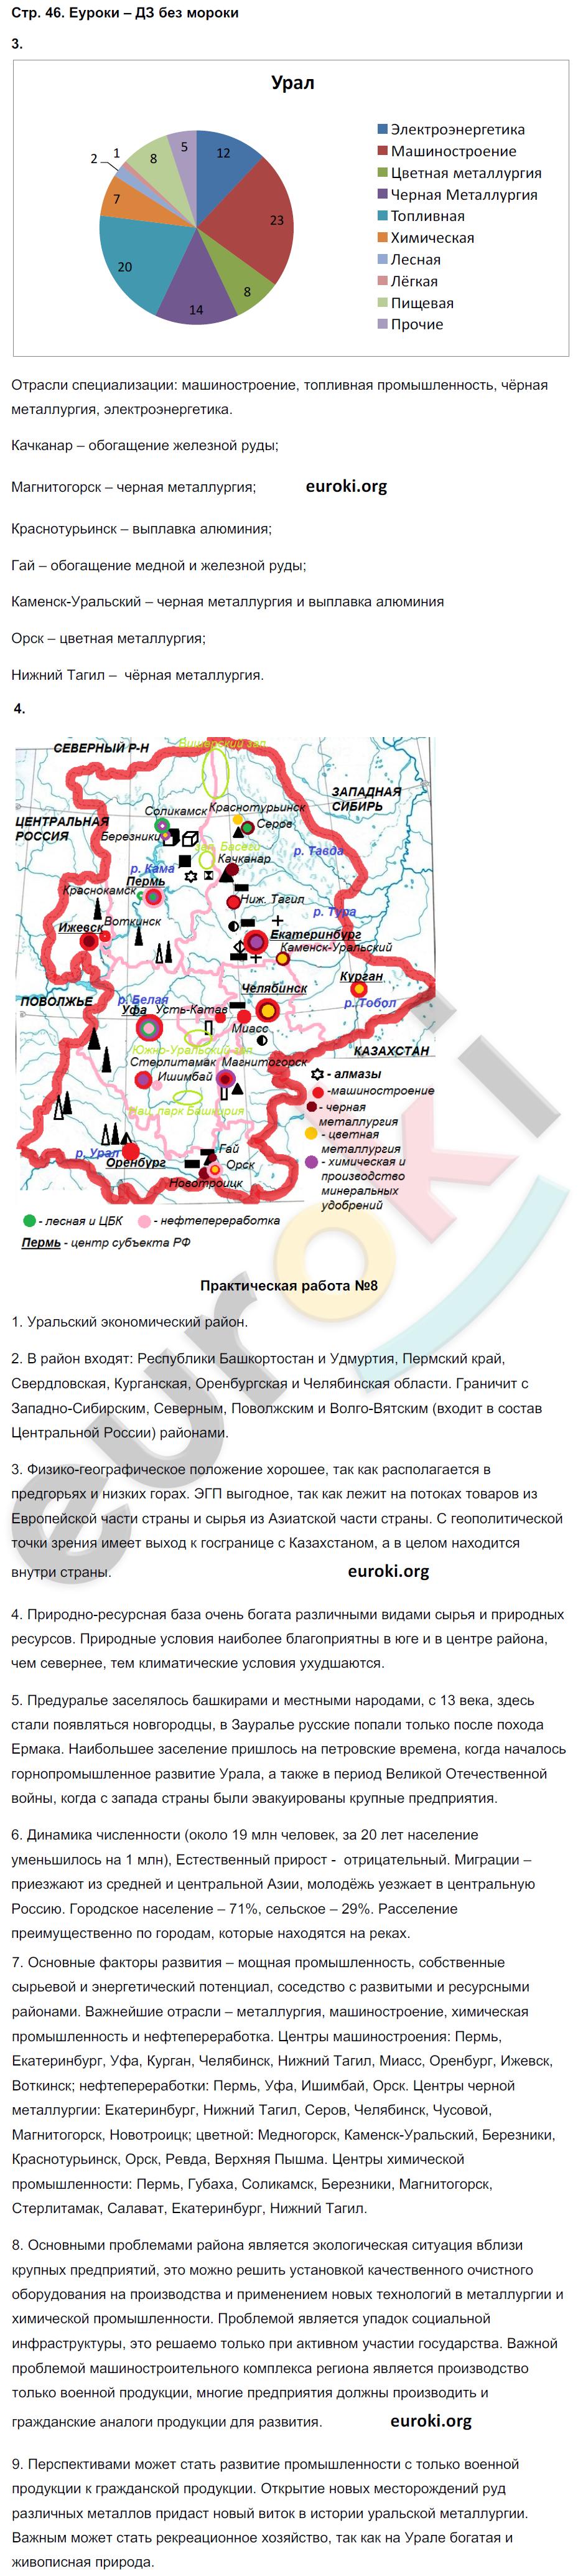 ГДЗ по географии 9 класс рабочая тетрадь Баринова, Суслов. Задание: стр. 46